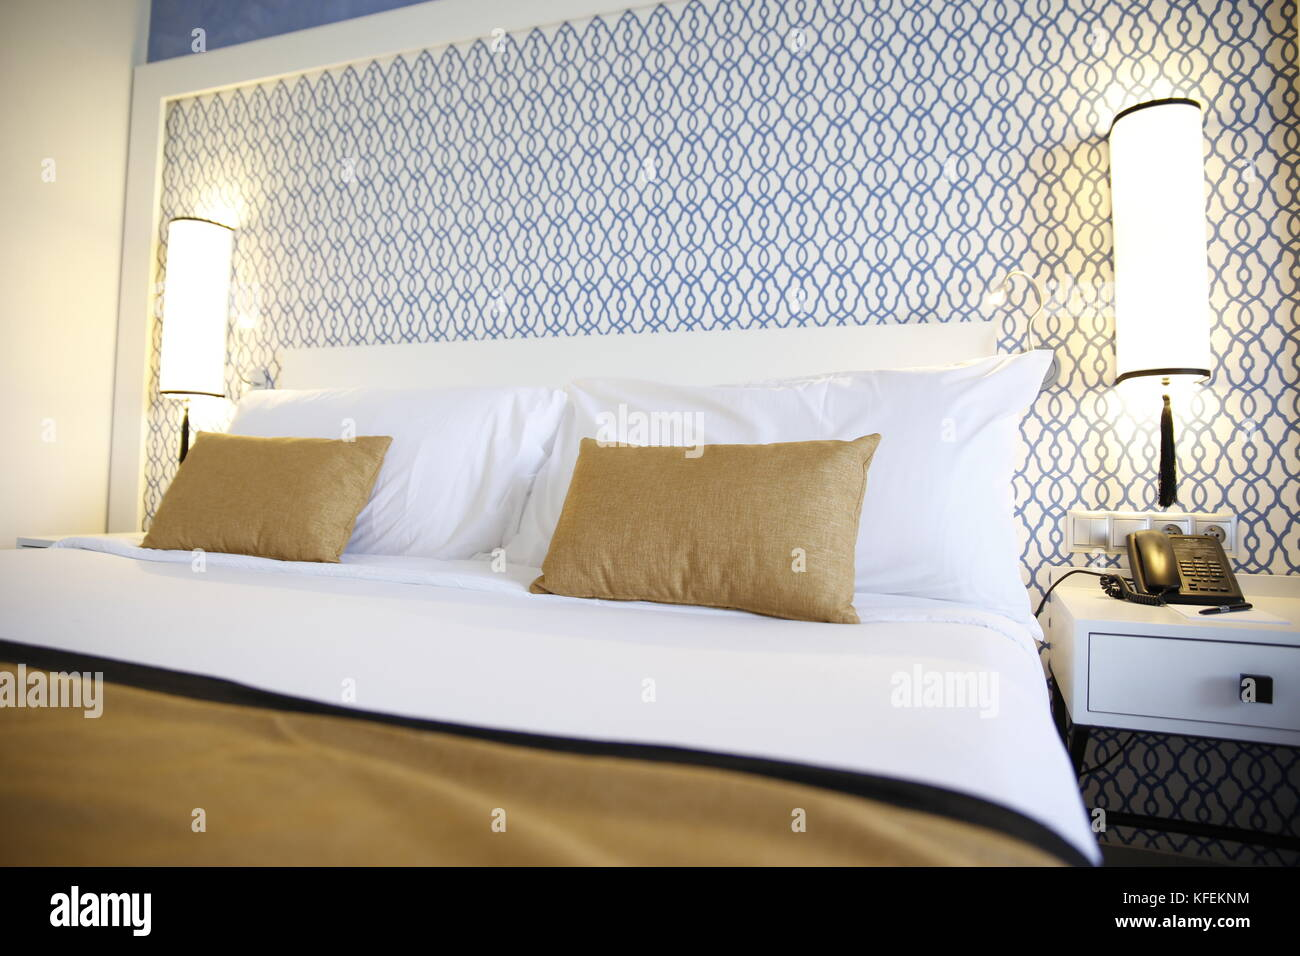 Camere Da Letto Marocco : Hotel in camera da letto letto matrimoniale e cuscini modelli di